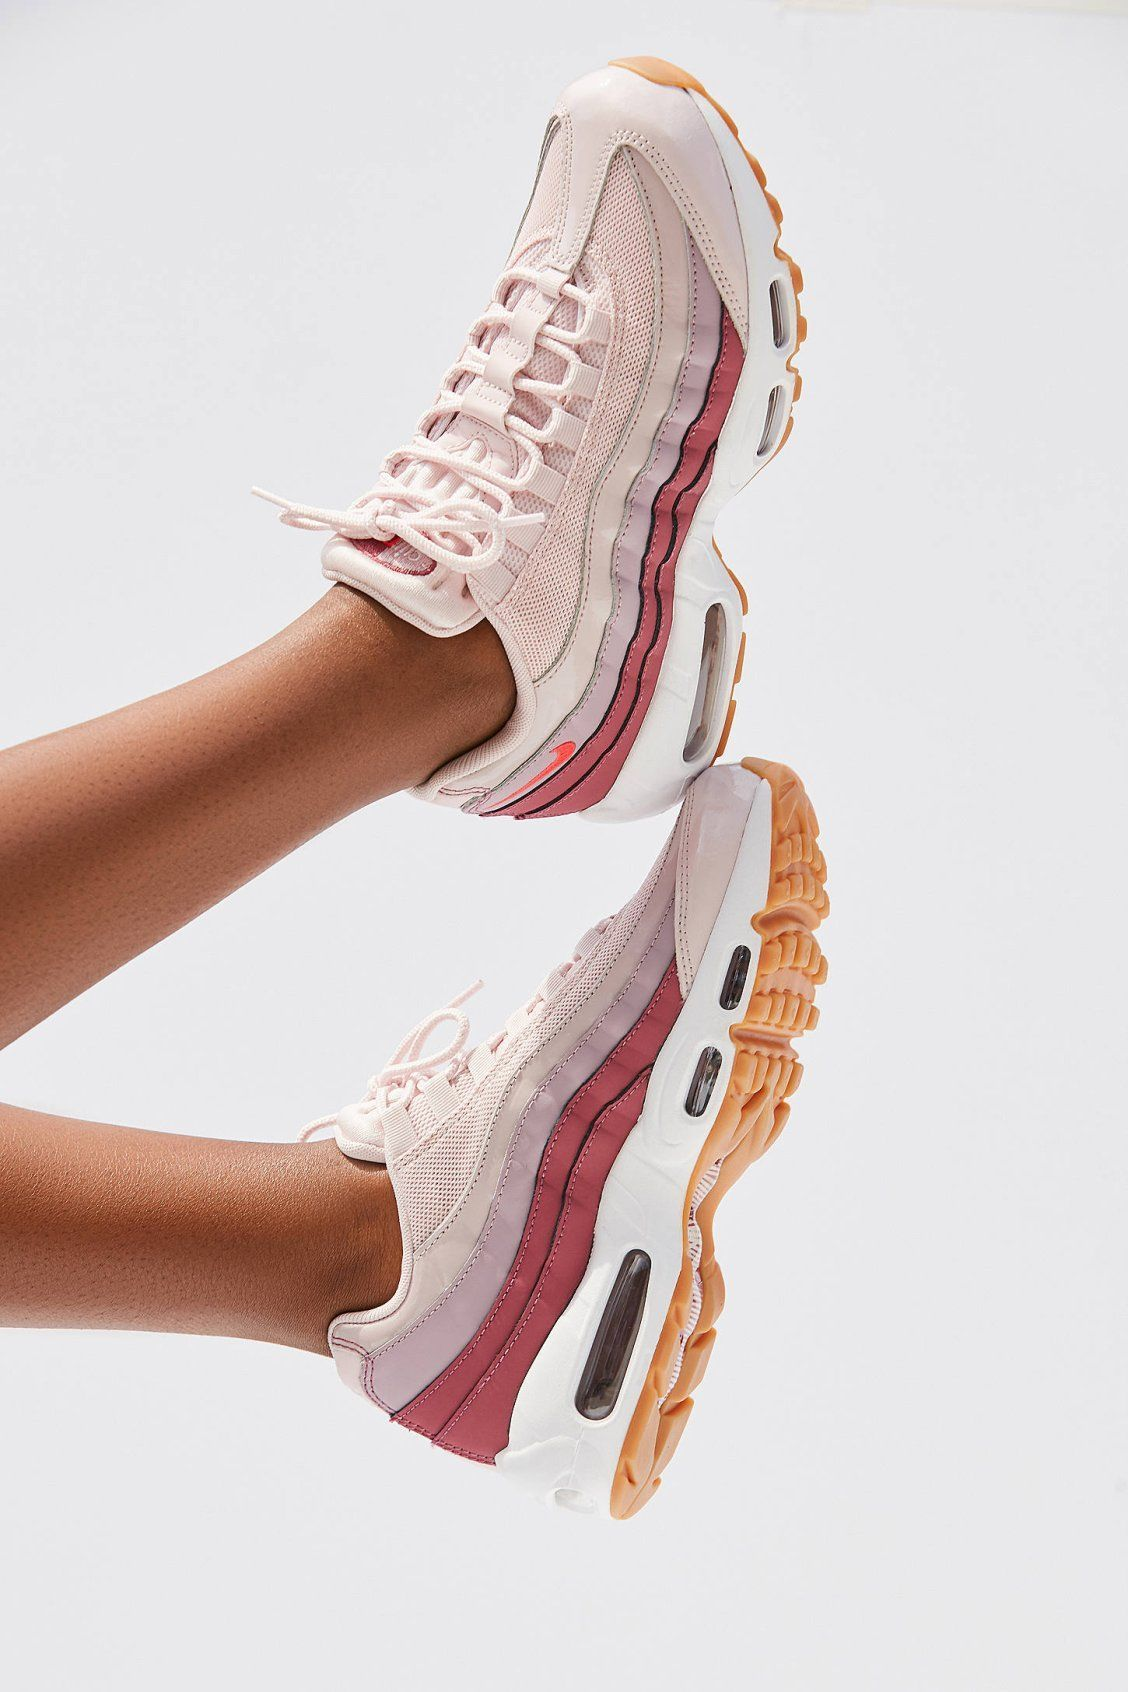 Nike Air Max 95 Edición Especial Casual Lifestyle Moda Gde